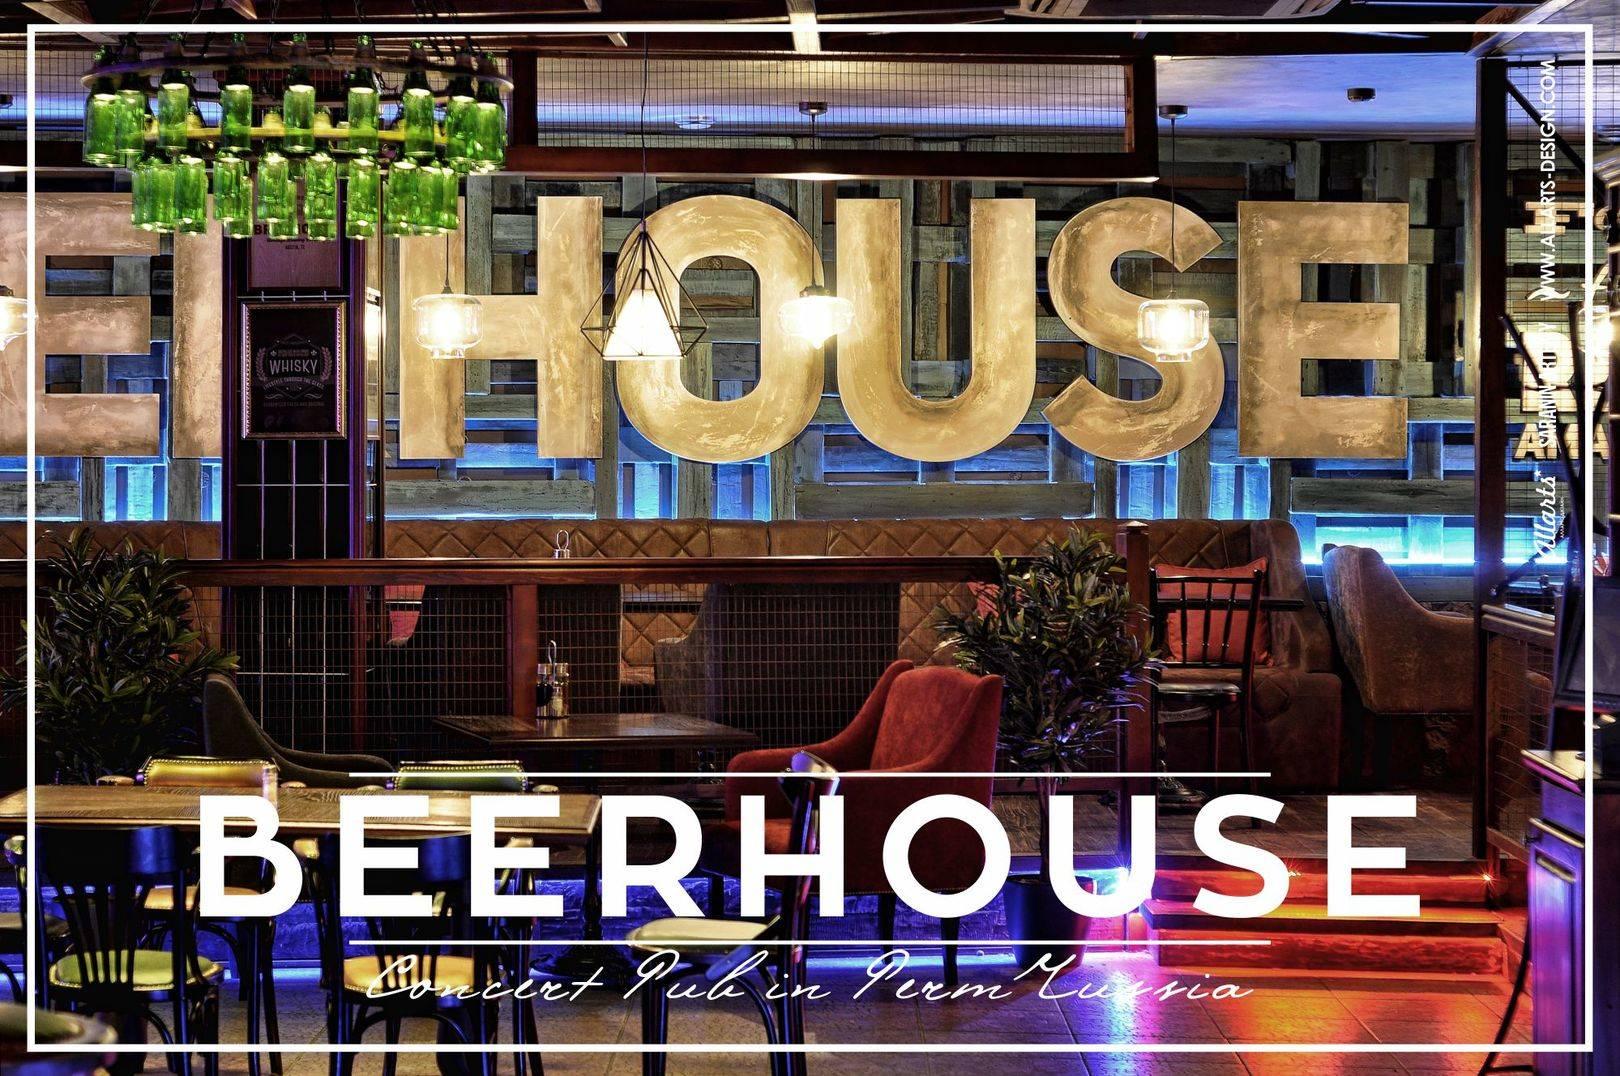 Дизайн интерьера Beerhouse